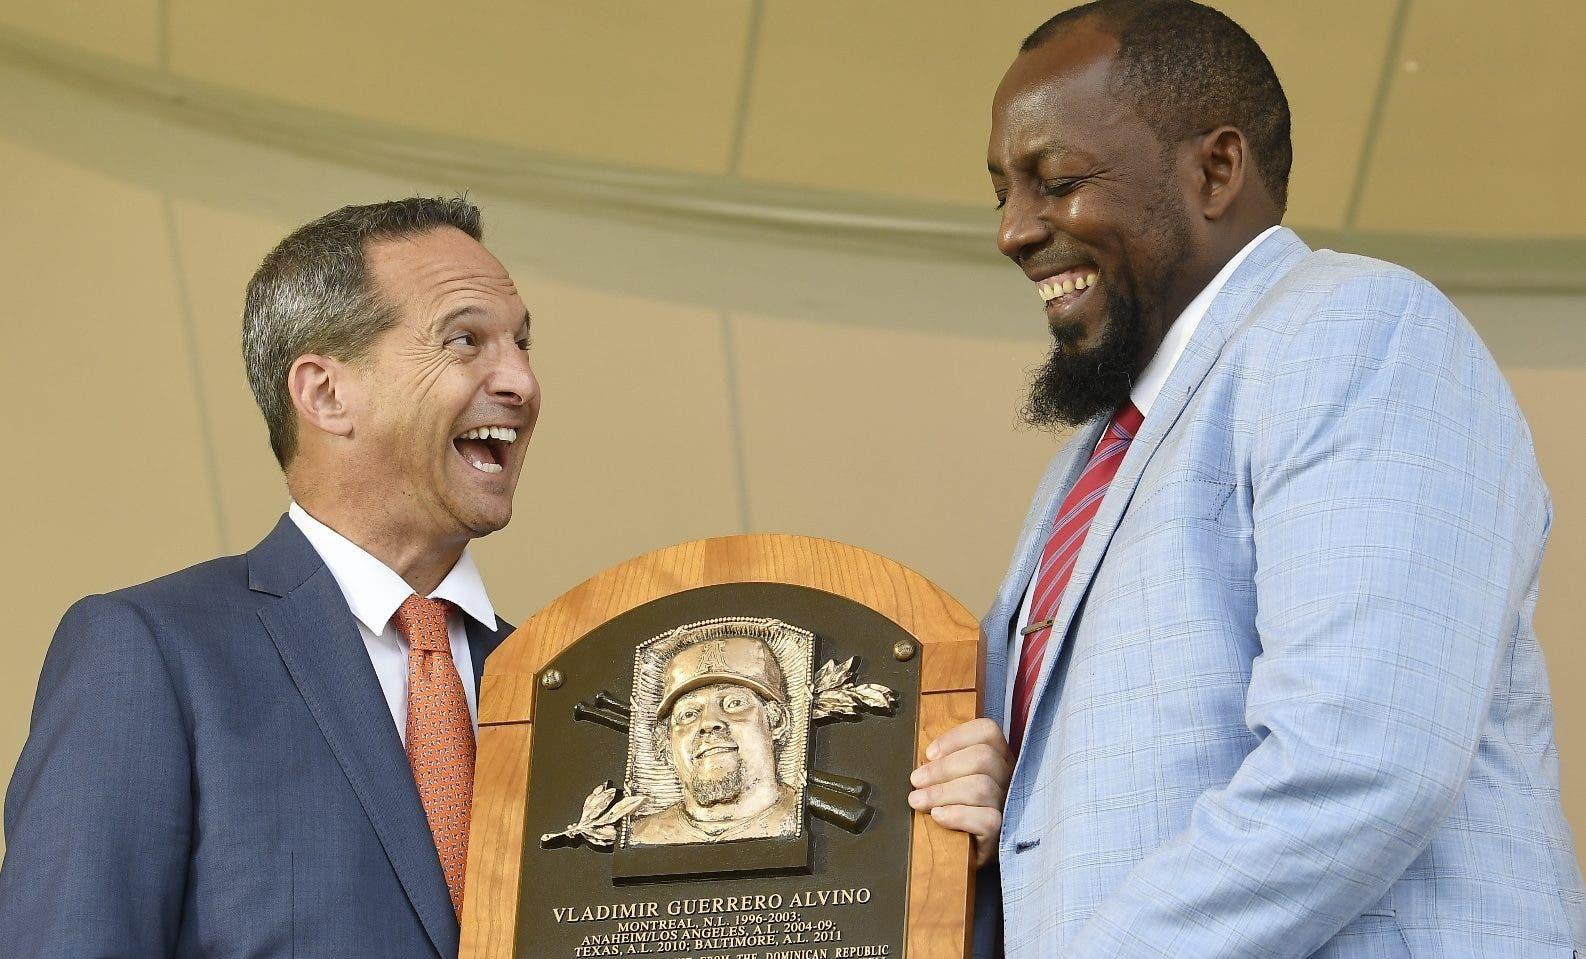 El dominicano Vladimir Guerrero sonríe al recibir la placa de inmortal del presidente del Salón de la Fama Jeff Idelson.  ap